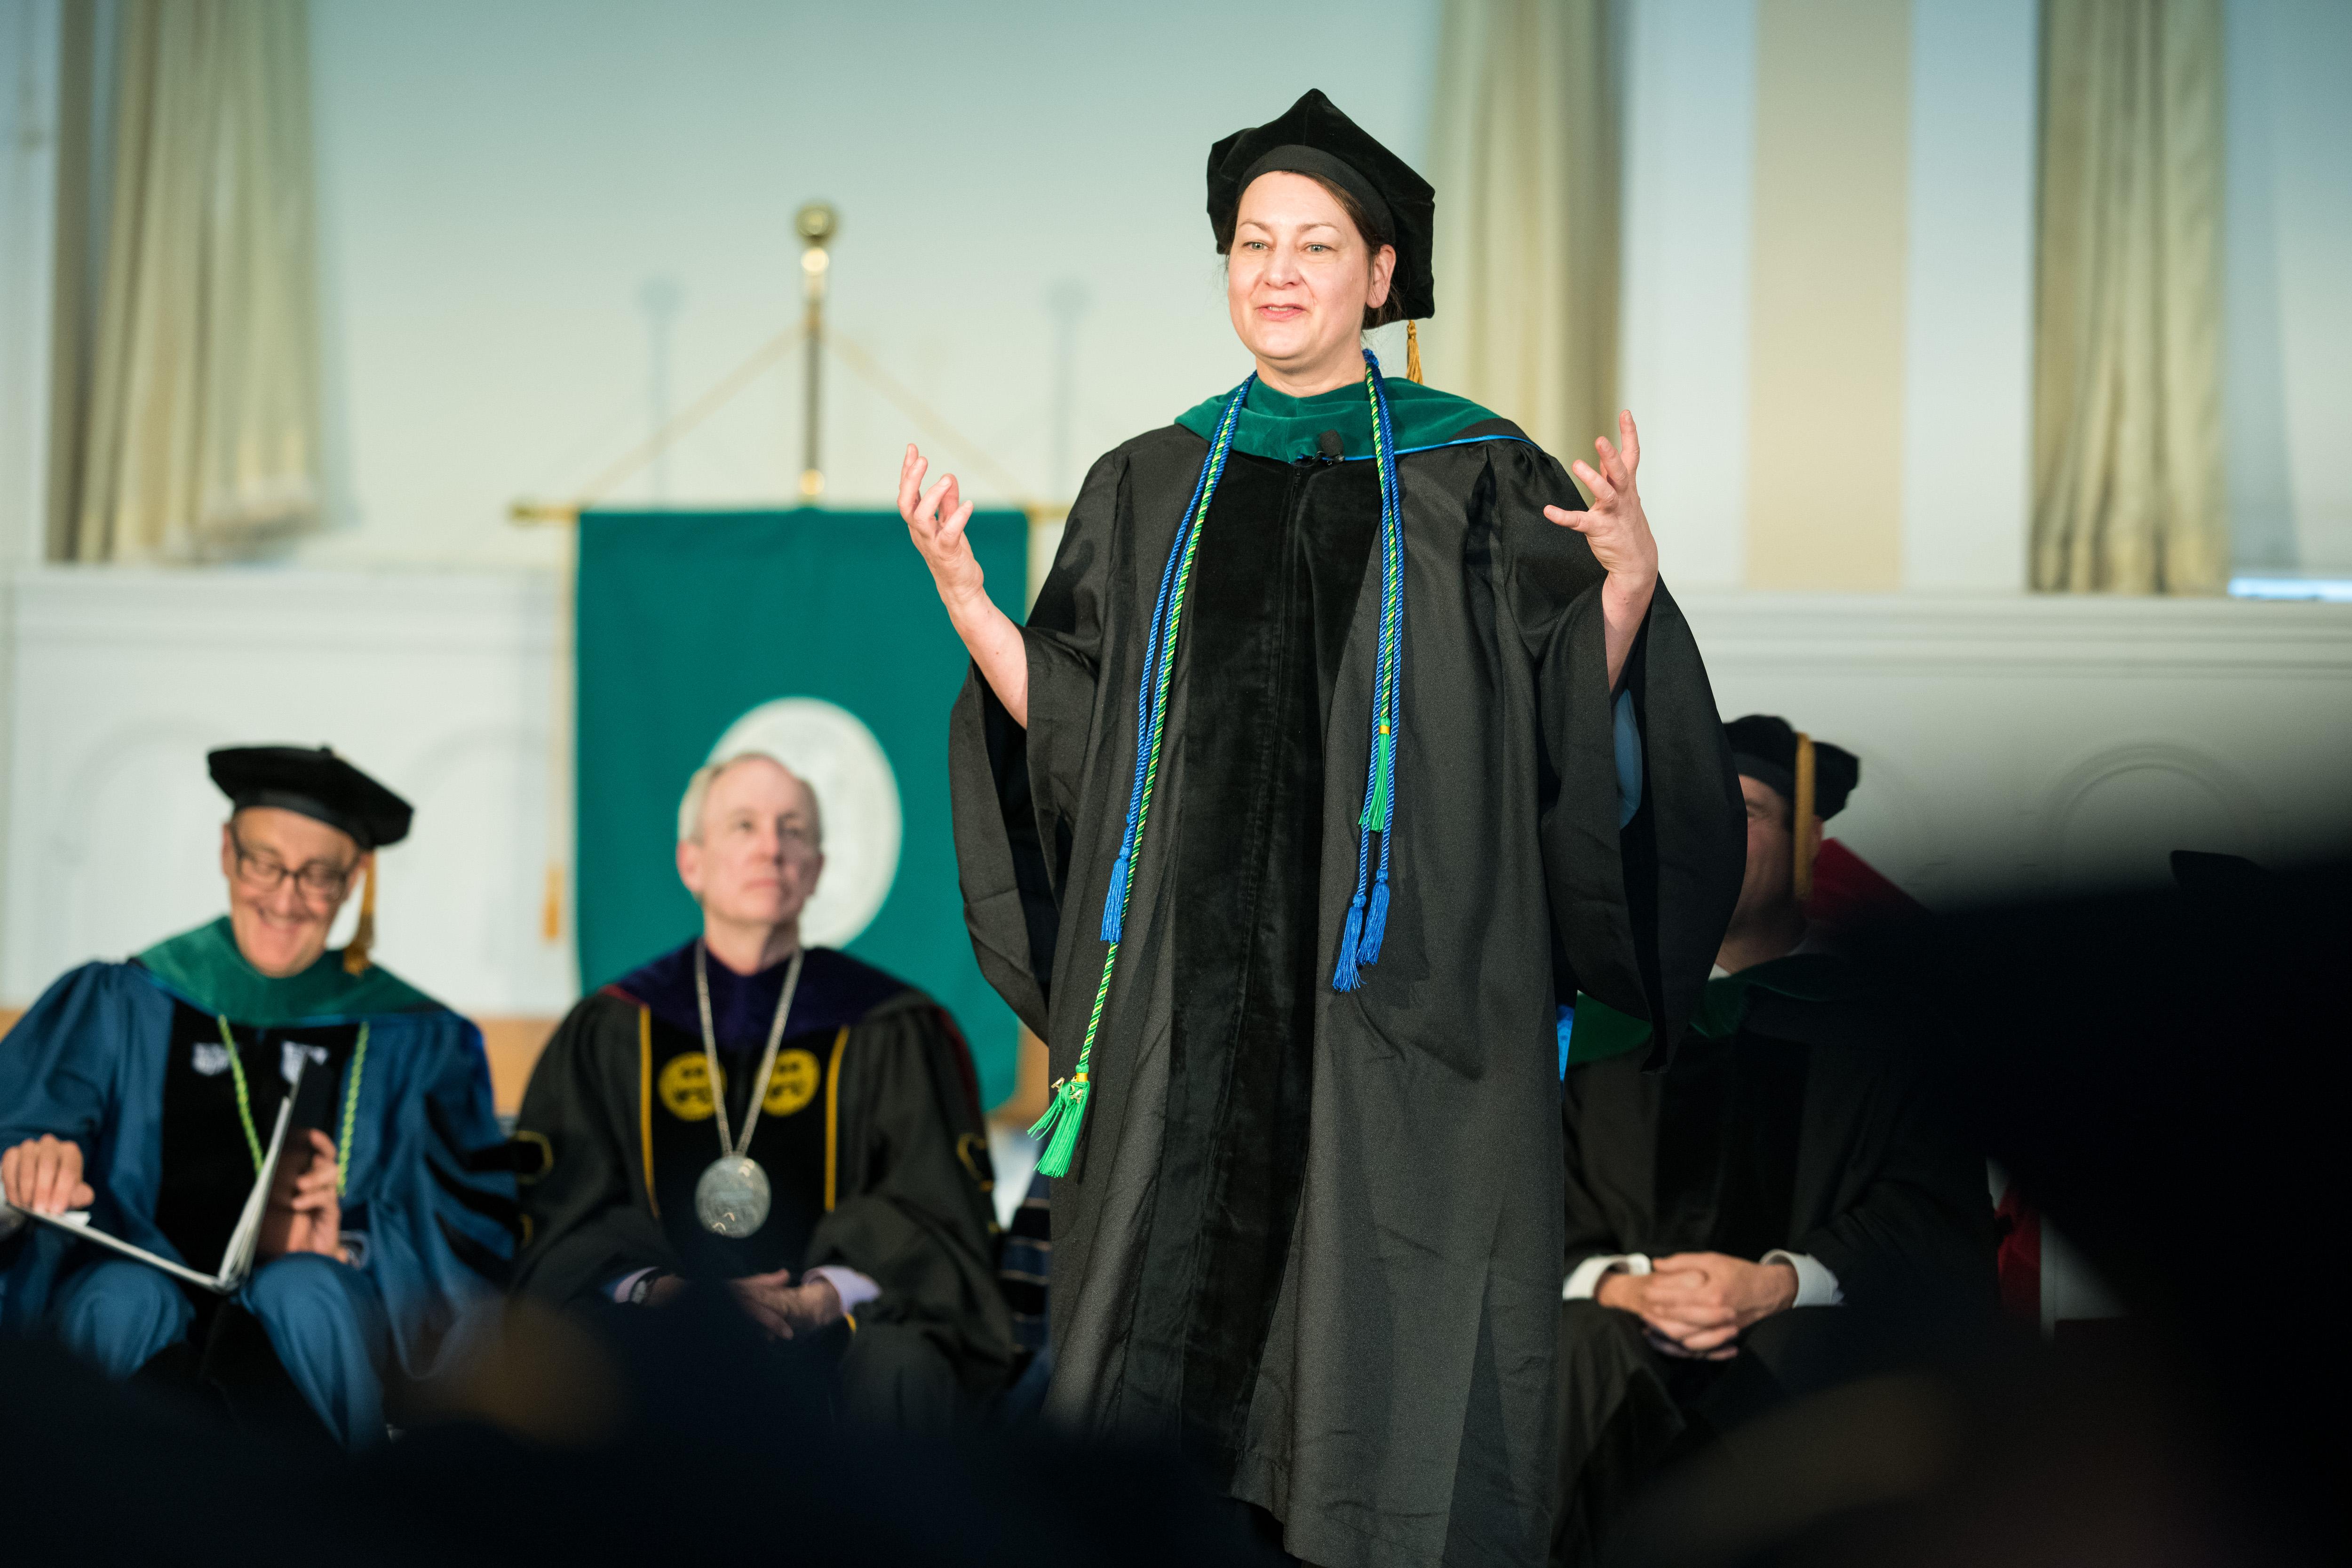 Dr. Rebecca Wilcox, M.D